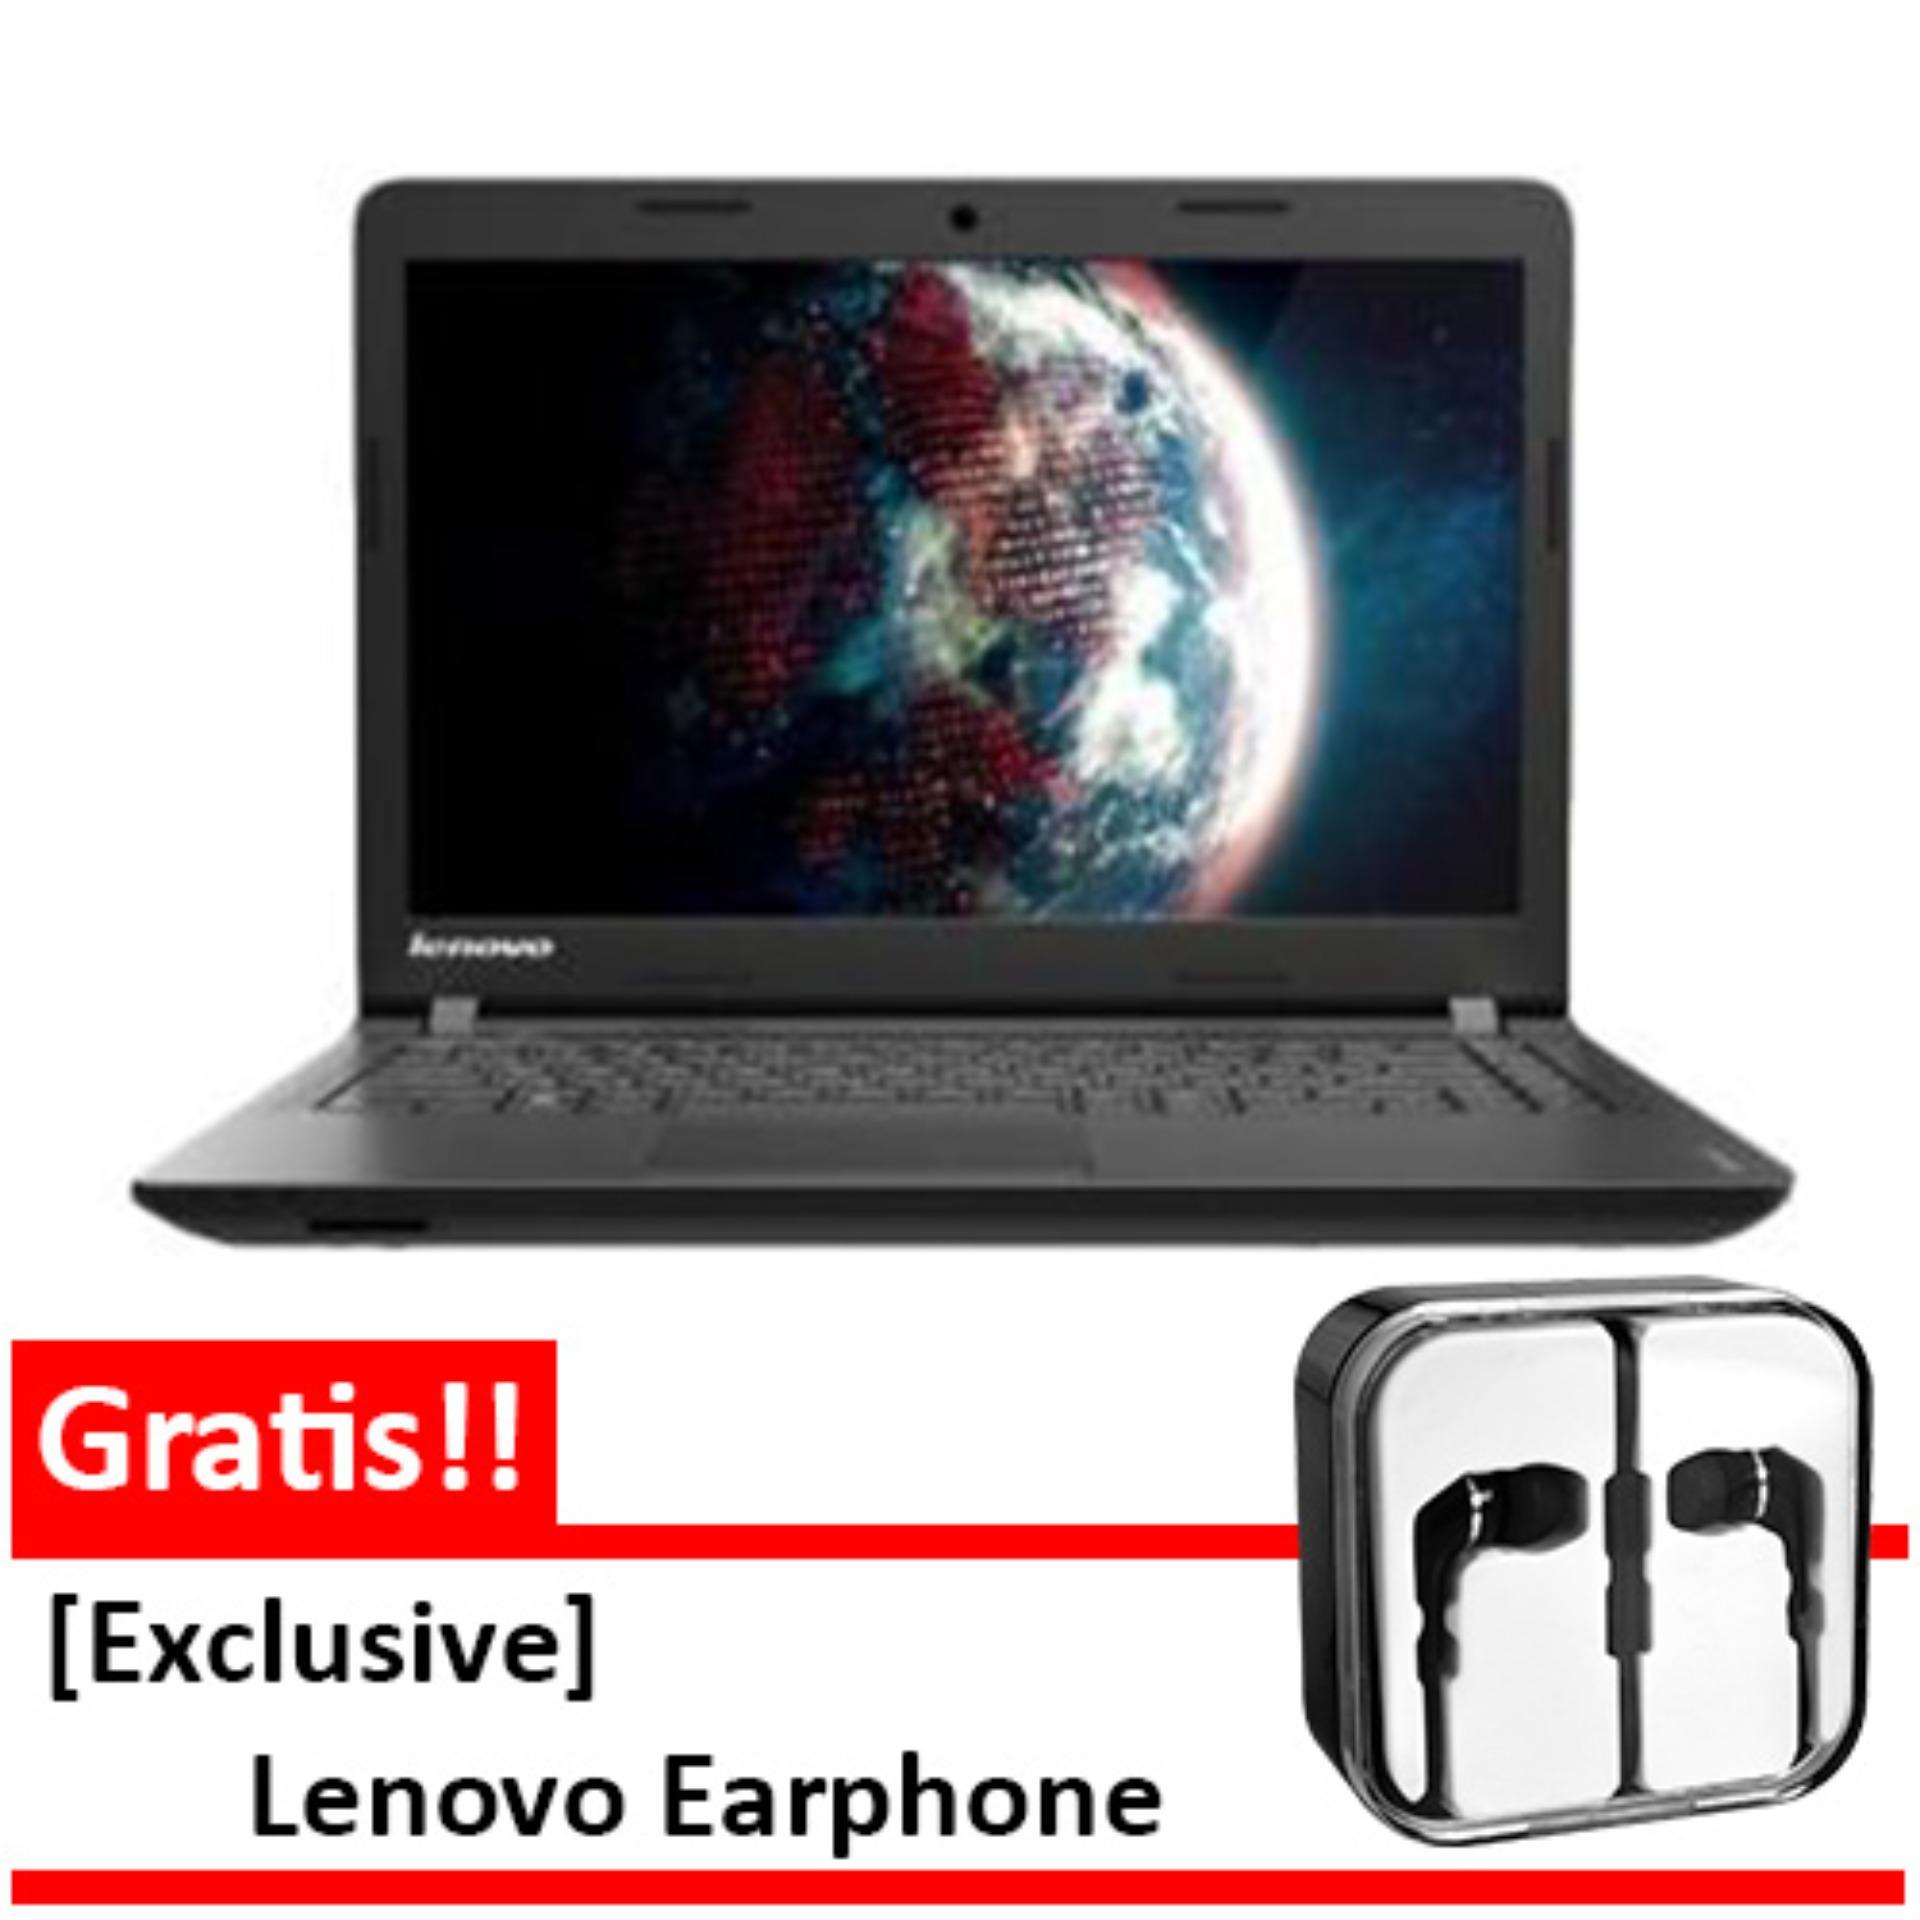 Harga Lenovo Laptop Notebook Ideapad 110 Amd A9 9400 4gb 1tb Dos Ip 320 A4 9120 Ram Hdd 500gb Vga R3 Graphics Layar 14 Inch 14ibr 8gid Black N3060 Ddr4 1yr